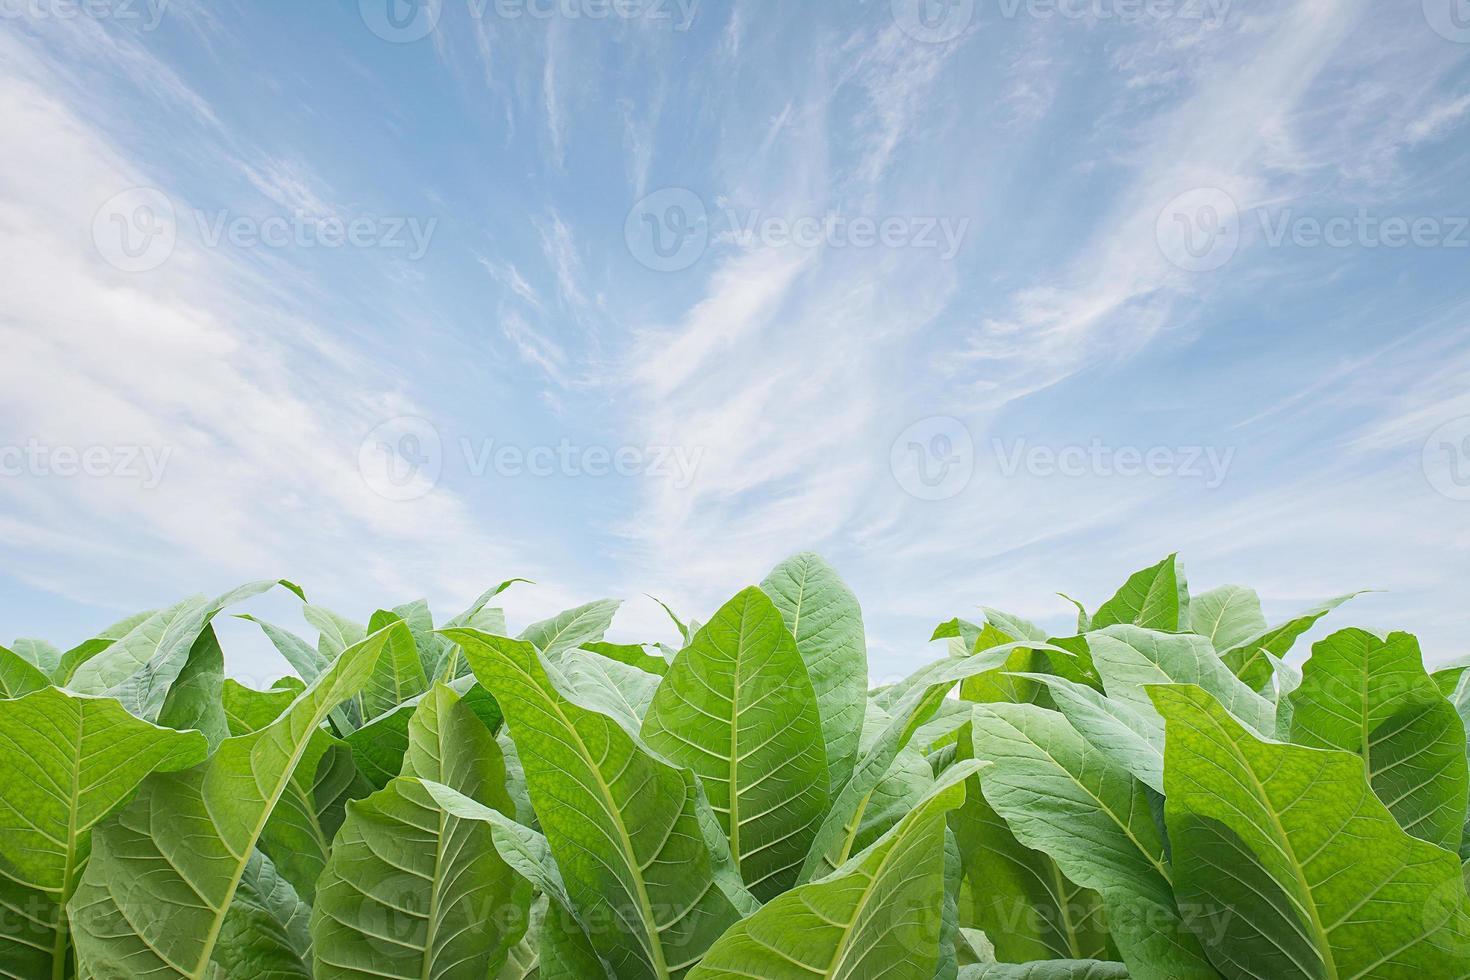 groen tabaksgebied met blauwe hemelachtergrond. foto